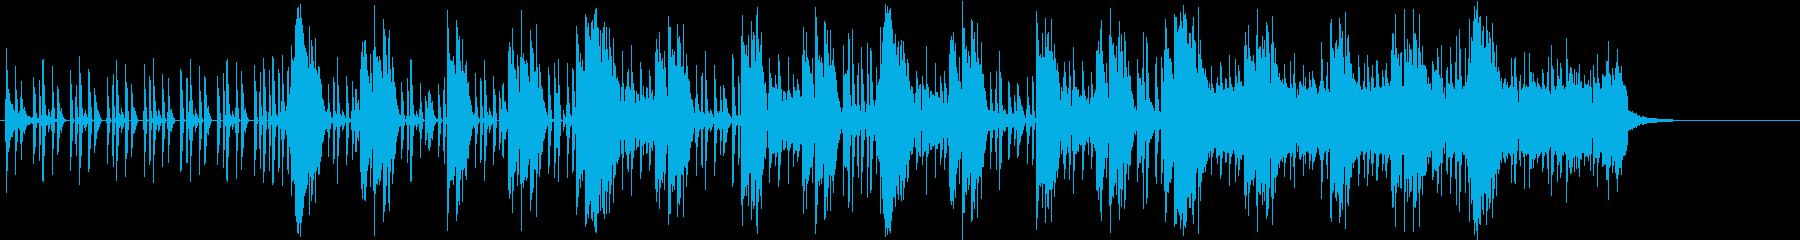 ヒップホップ 機械 都会 流行 報道の再生済みの波形